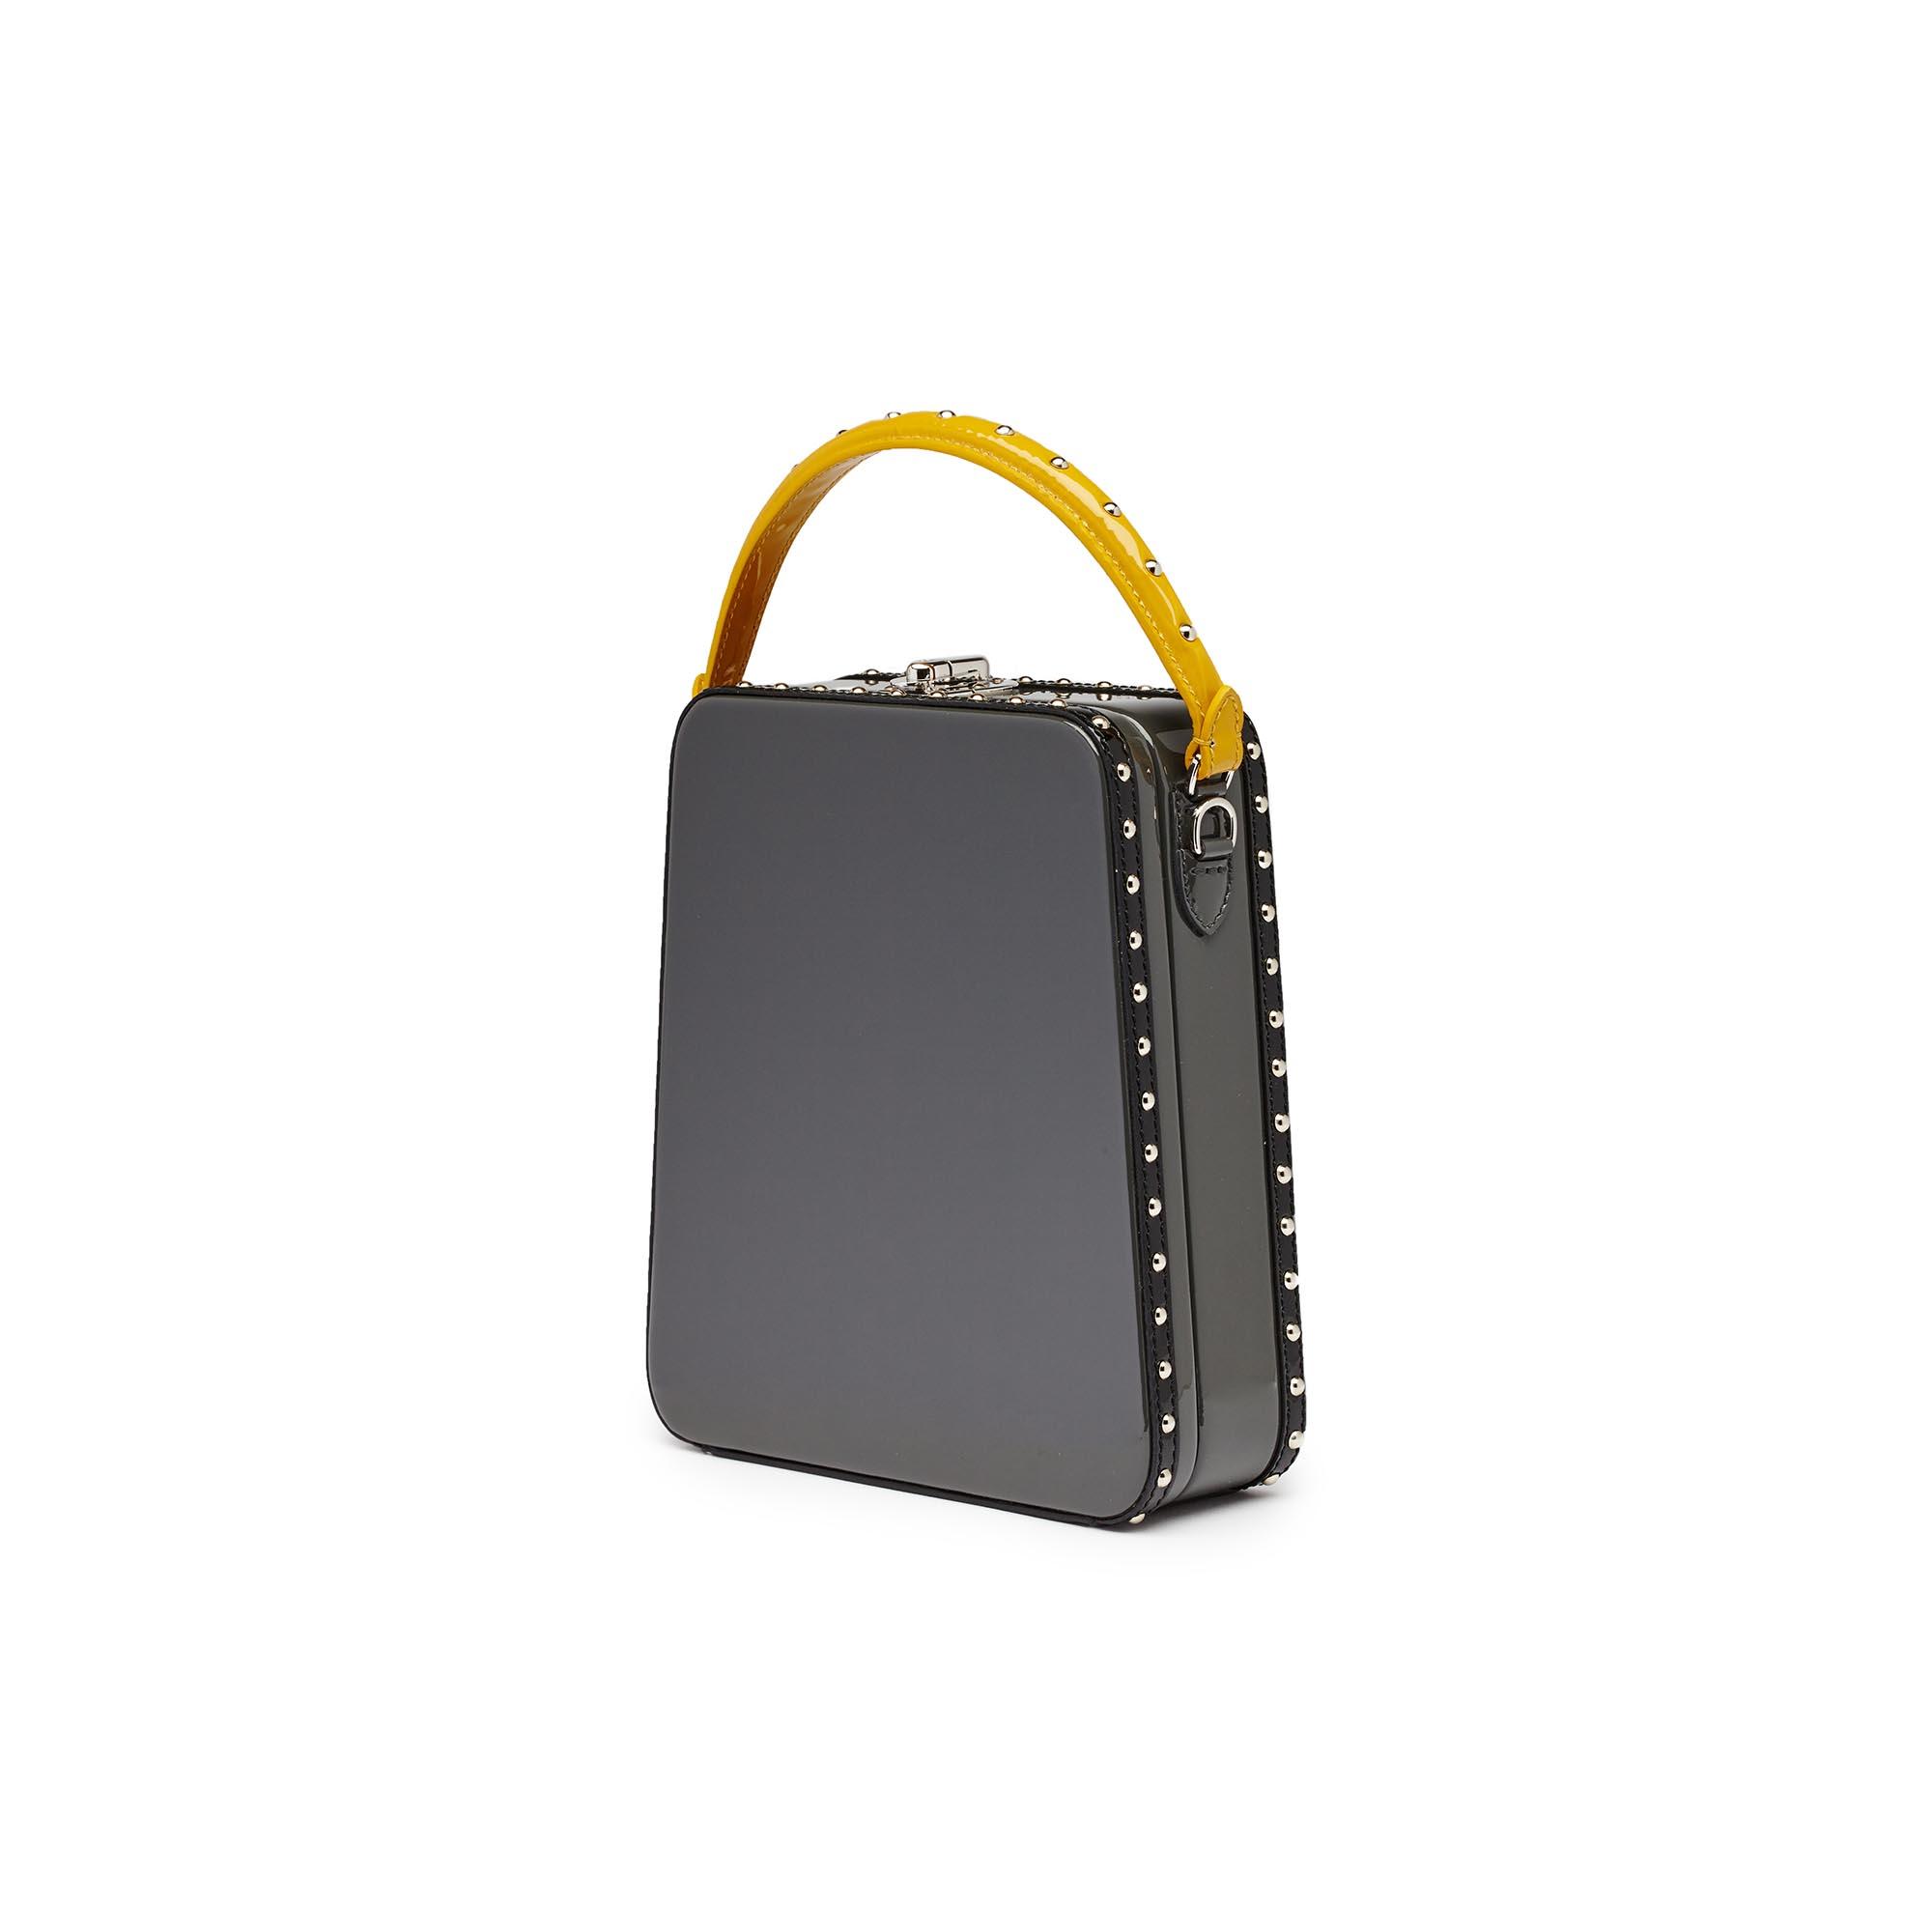 Tall-Bertoncina-gray-patent-leather-bag-Bertoni-1949_02